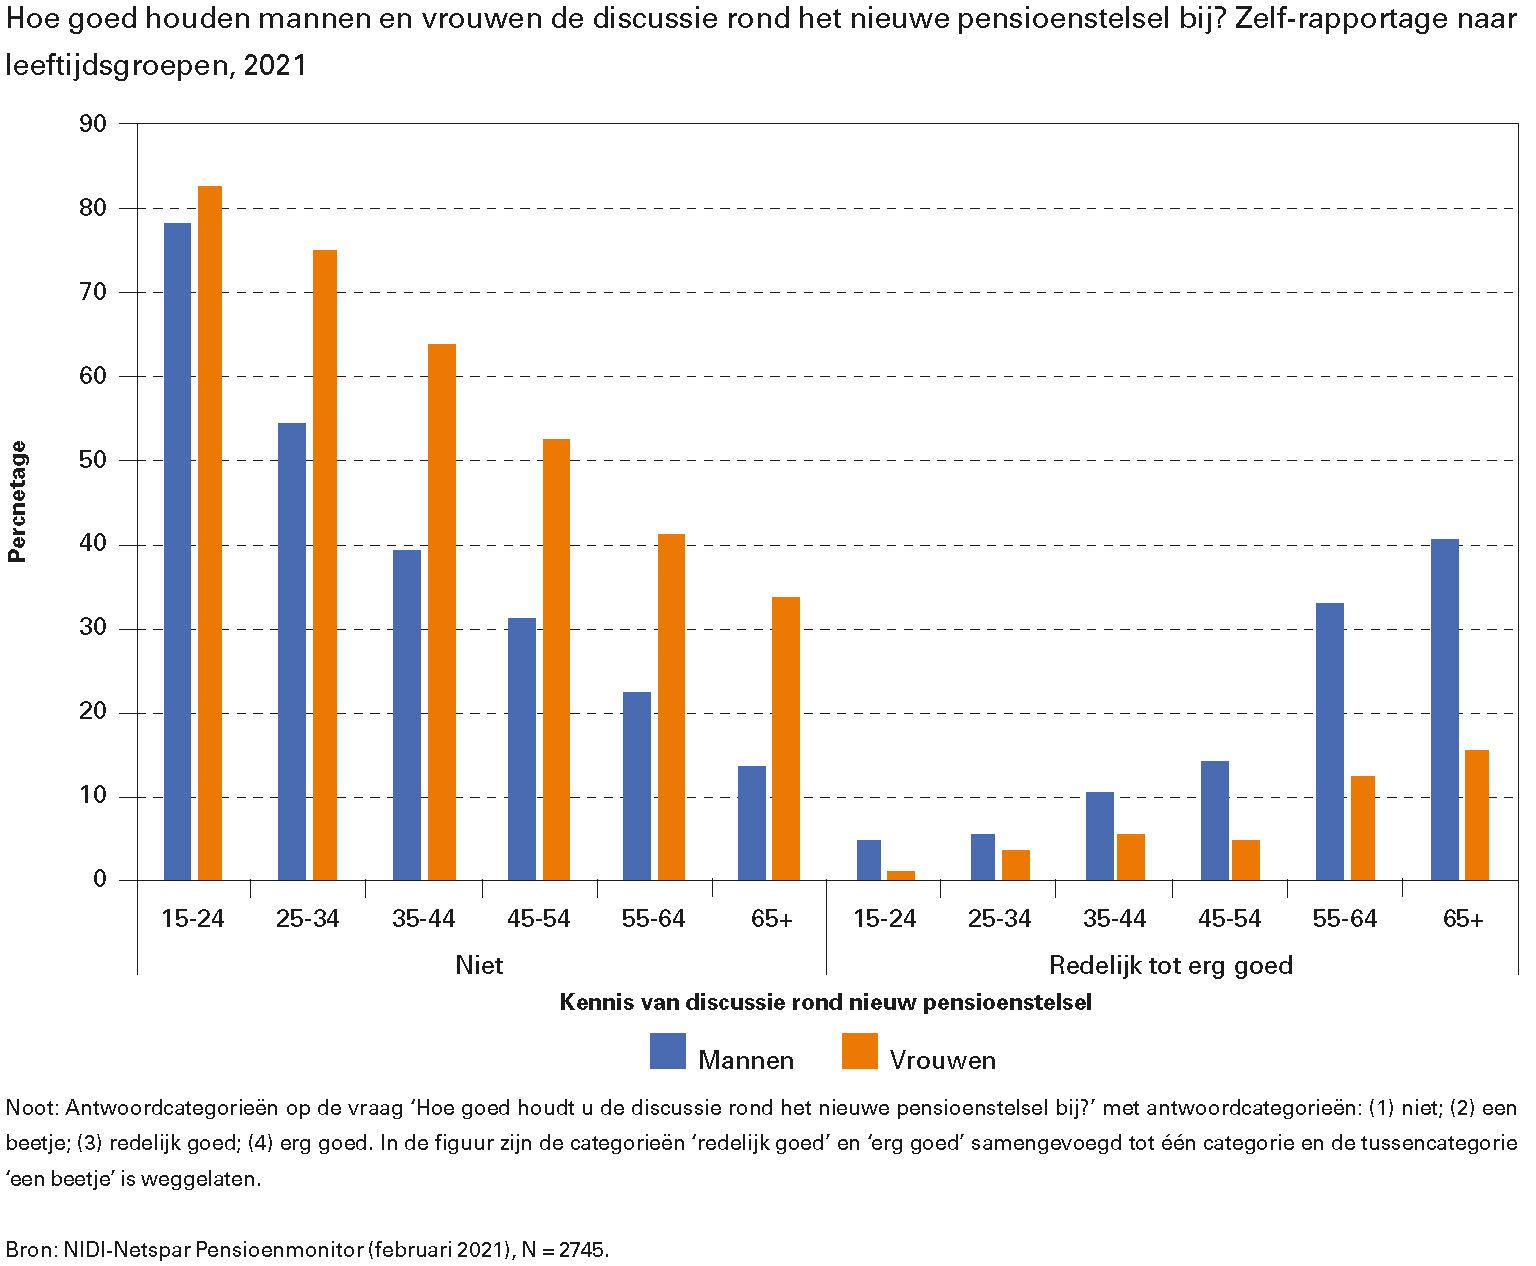 Hoe goed houden mannen en vrouwen de discussie rond het nieuwe pensioenstelsel bij? Zelf-rapportage naar leeftijdsgroepen, 2021